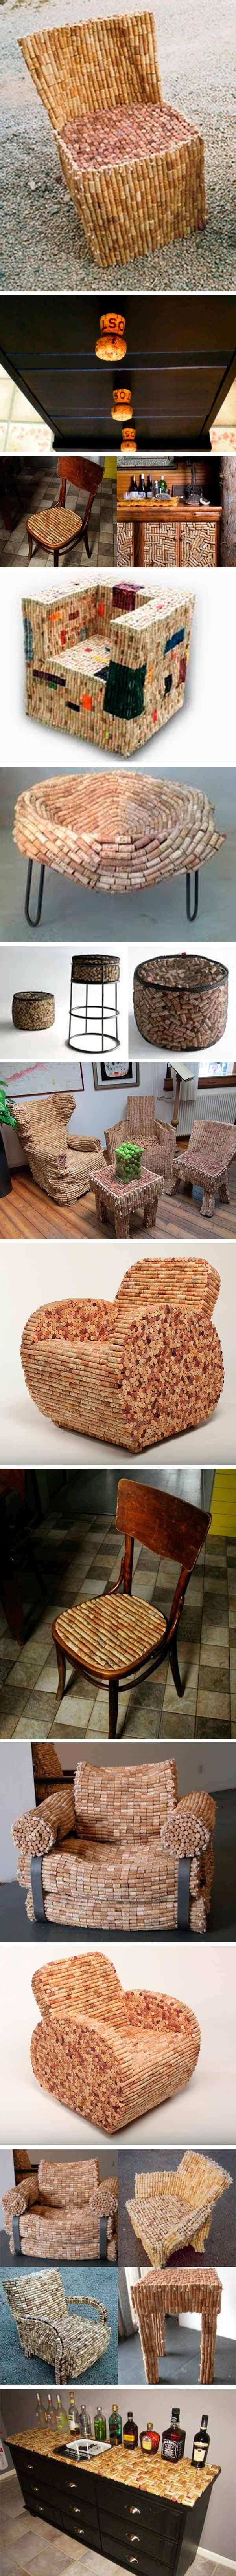 reciclar tapones de corcho - mobiliario